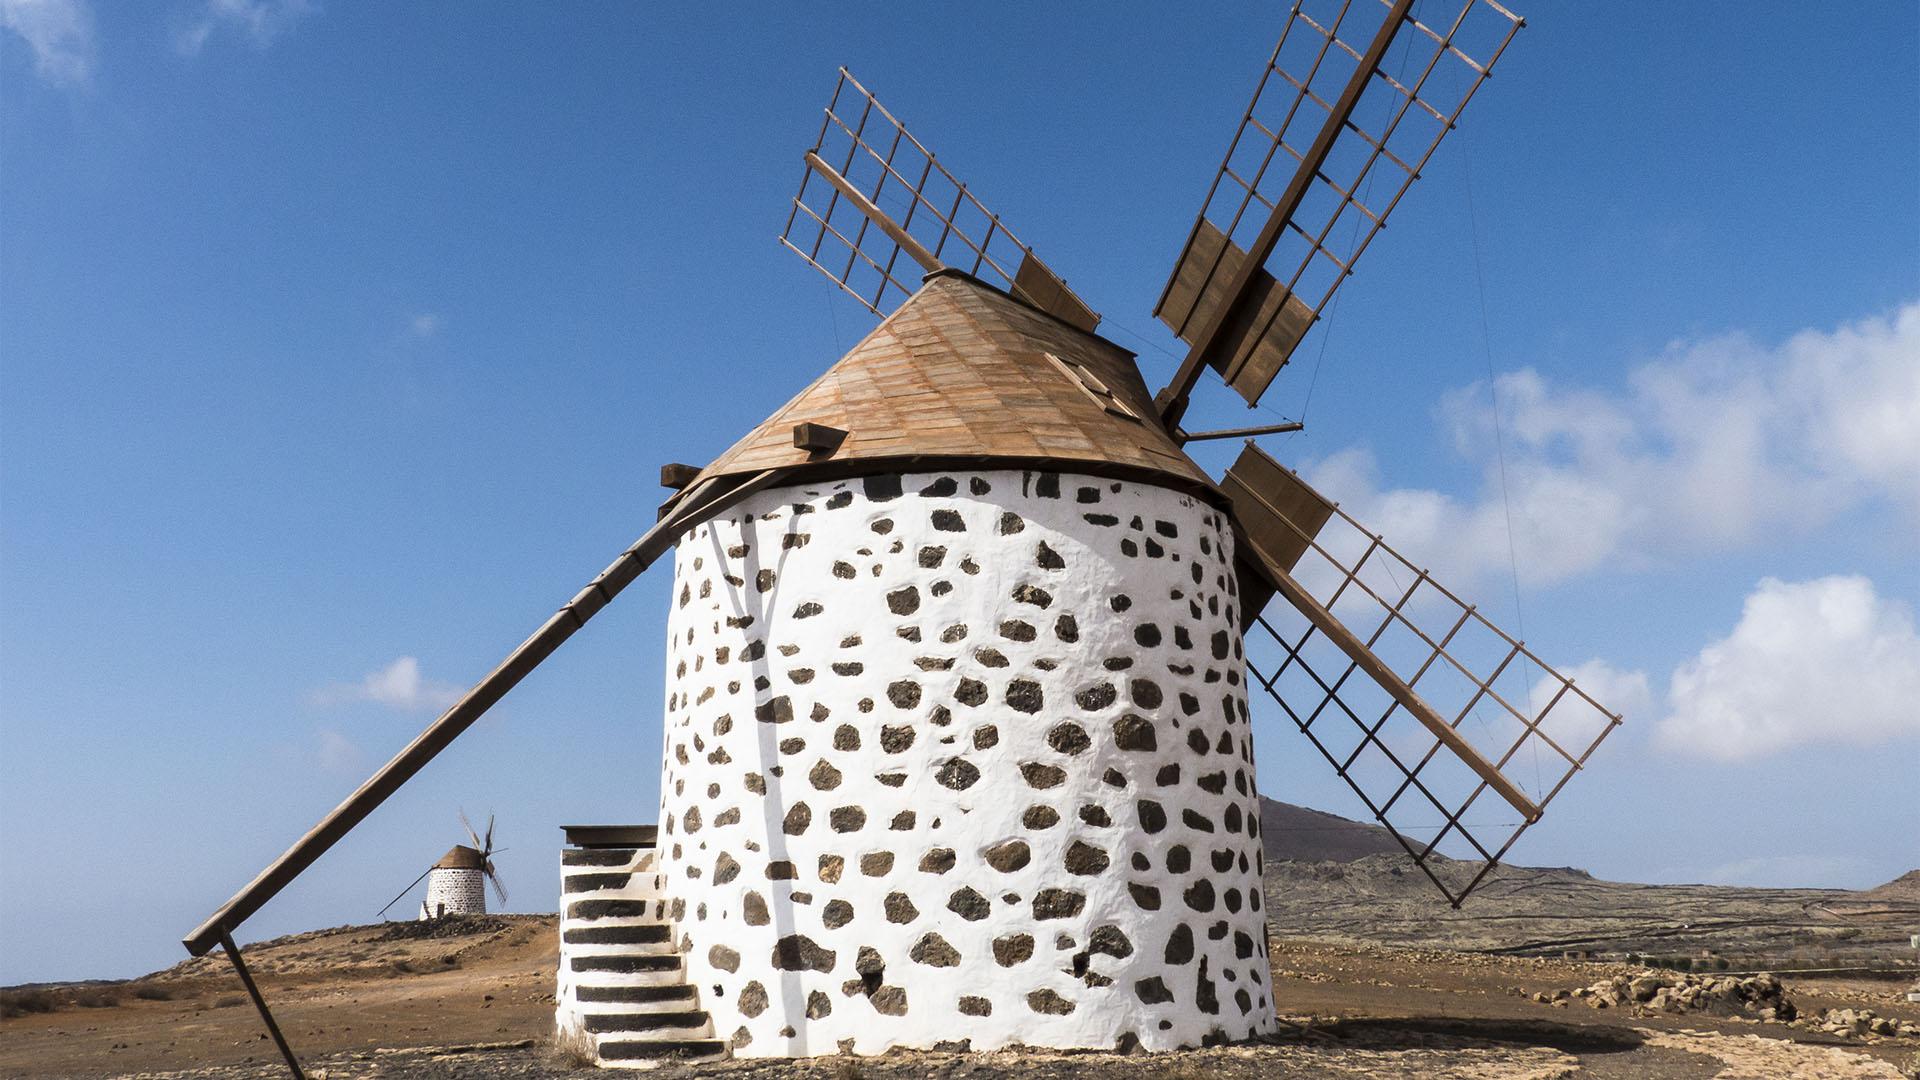 Sehenswürdigkeiten Fuerteventuras: Villaverde – Windmühlen